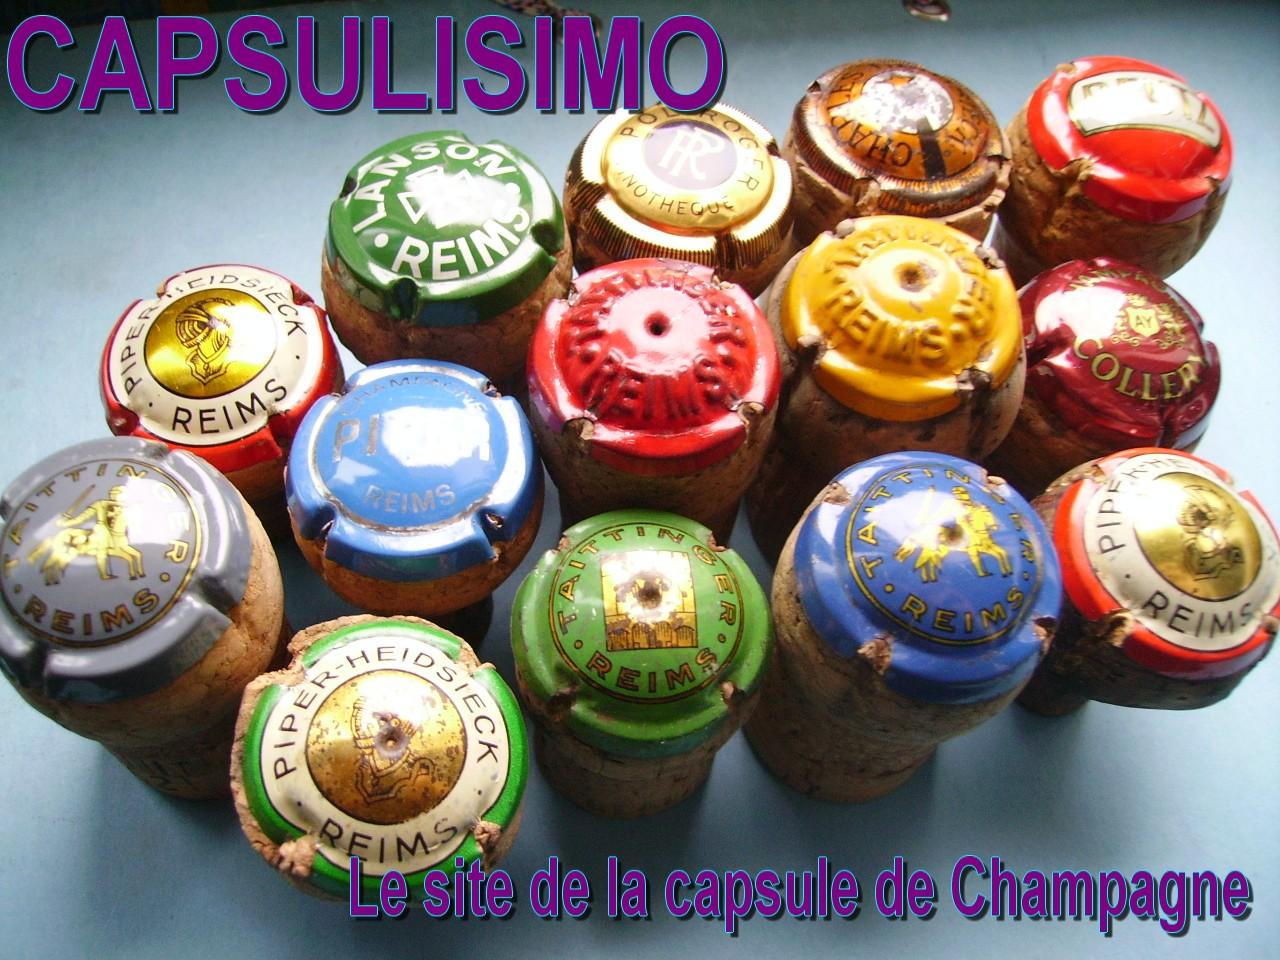 Le site de la capsule de Champagne